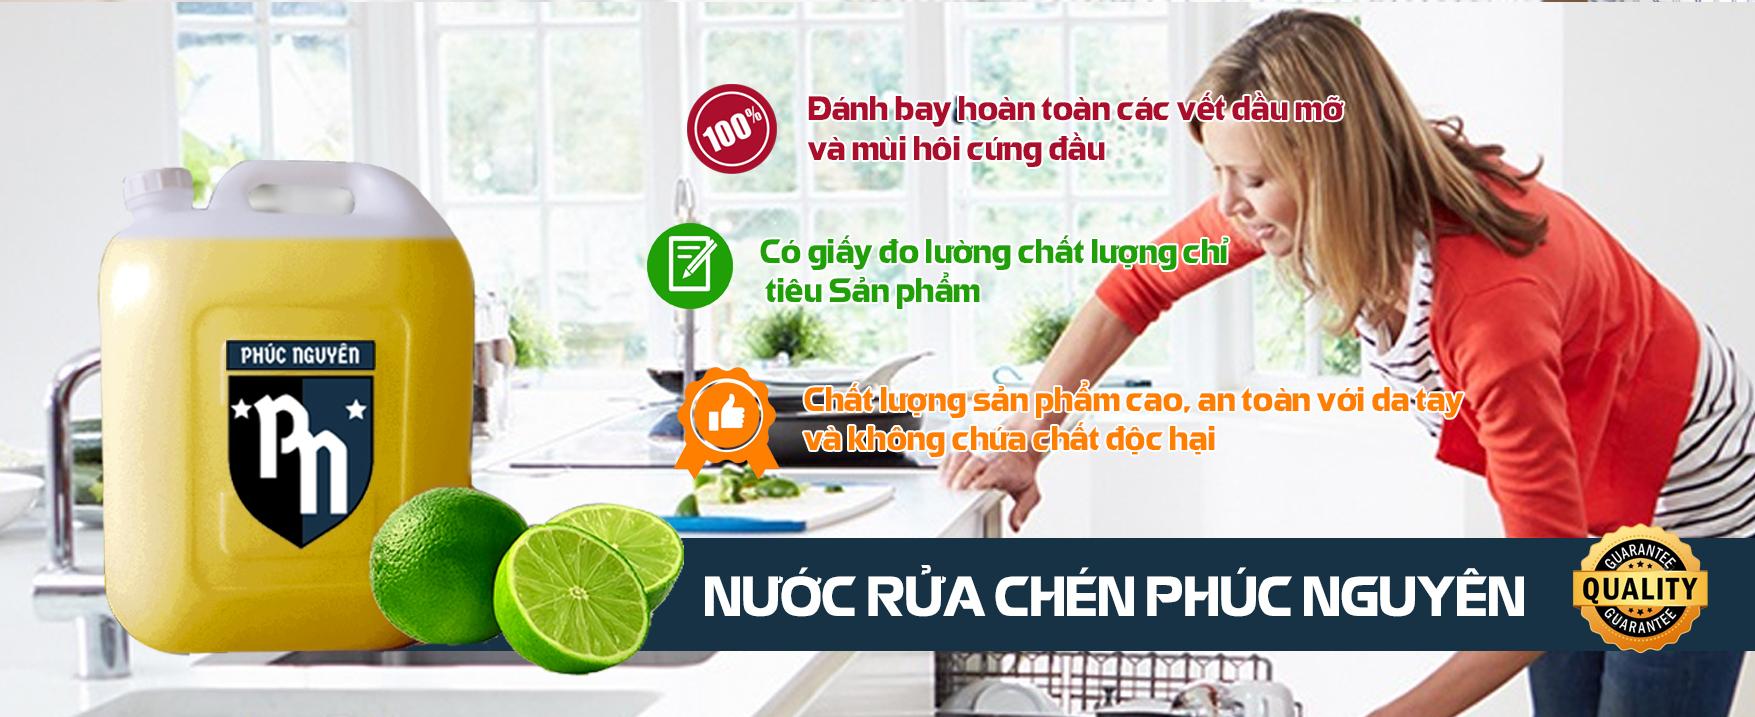 Nước Rửa Chén PHÚC NGUYÊN - hàng Việt Nam chất lượng cao